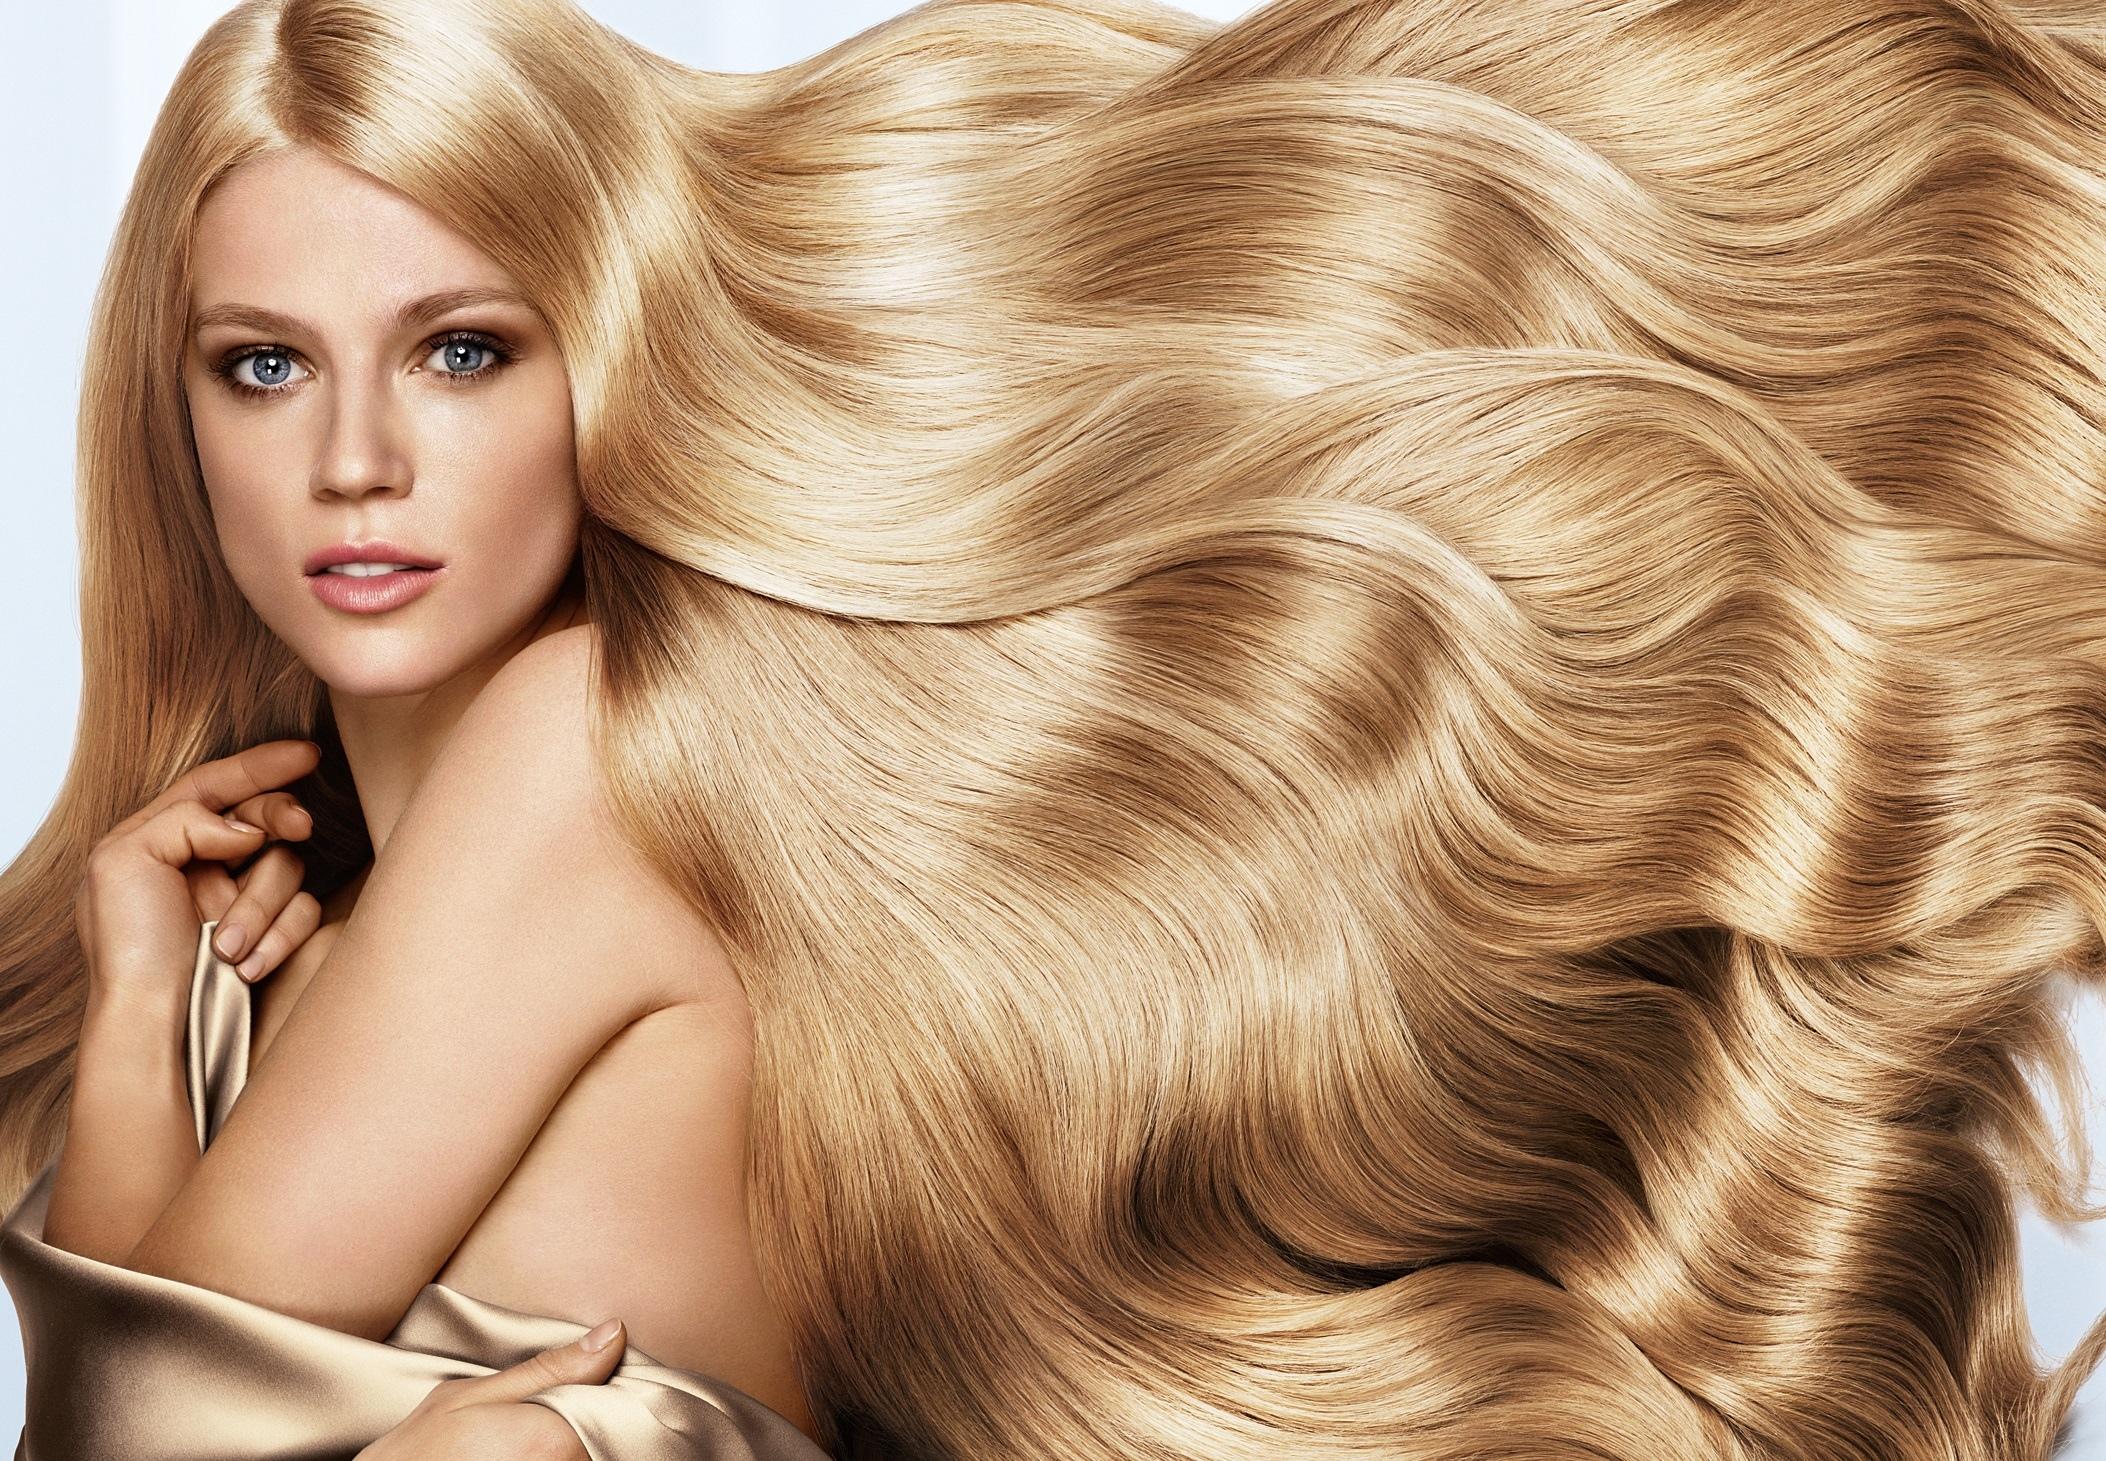 Питание, витамины для роста волос: какие продукты останавливают выпадение